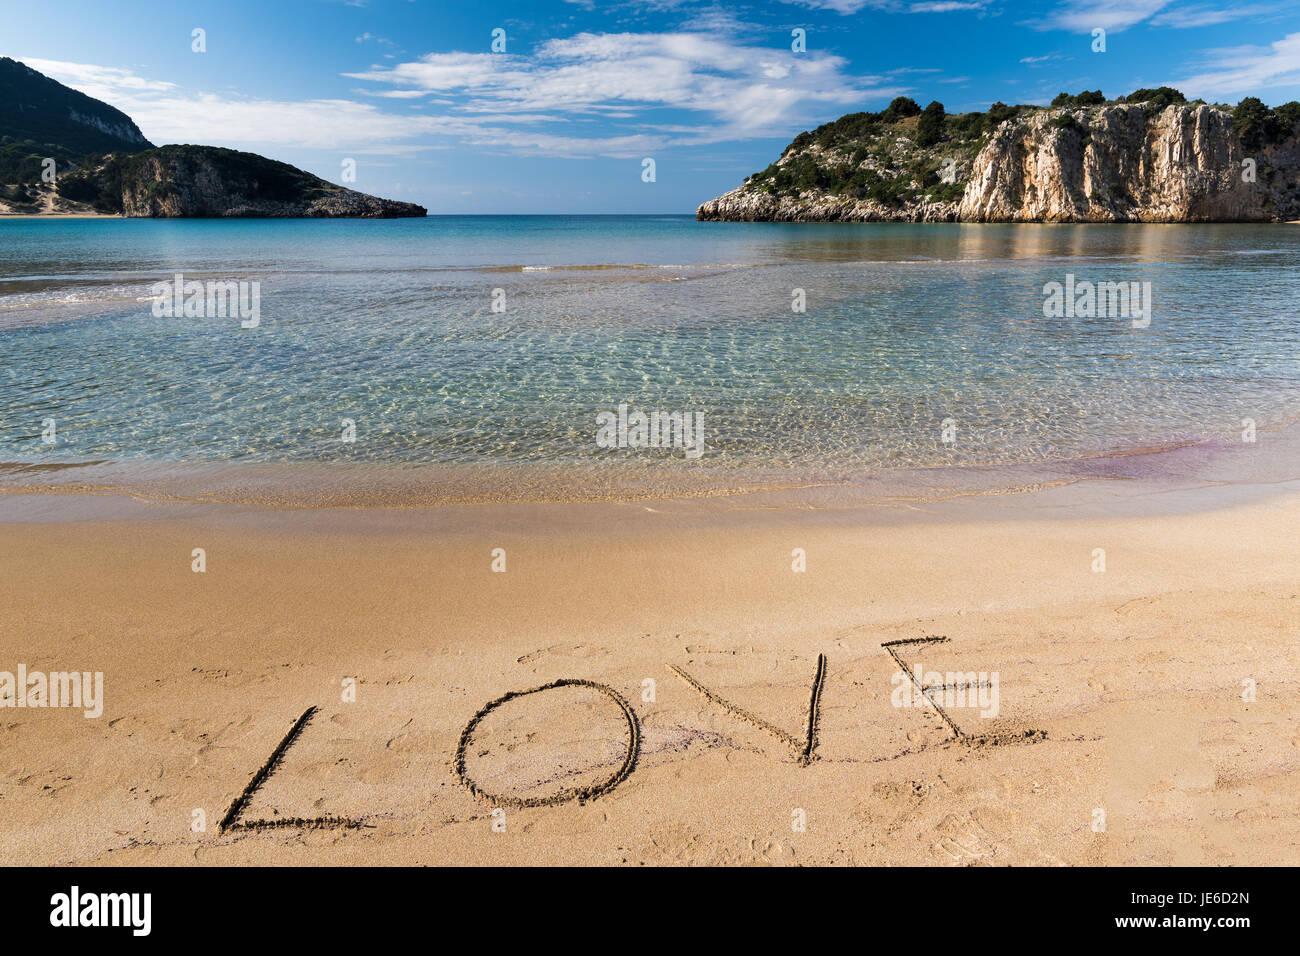 Schönste Strände Peloponnes Karte.Das Wort Liebe Geschrieben Auf Dem Sand Des Berühmten Voidokilia